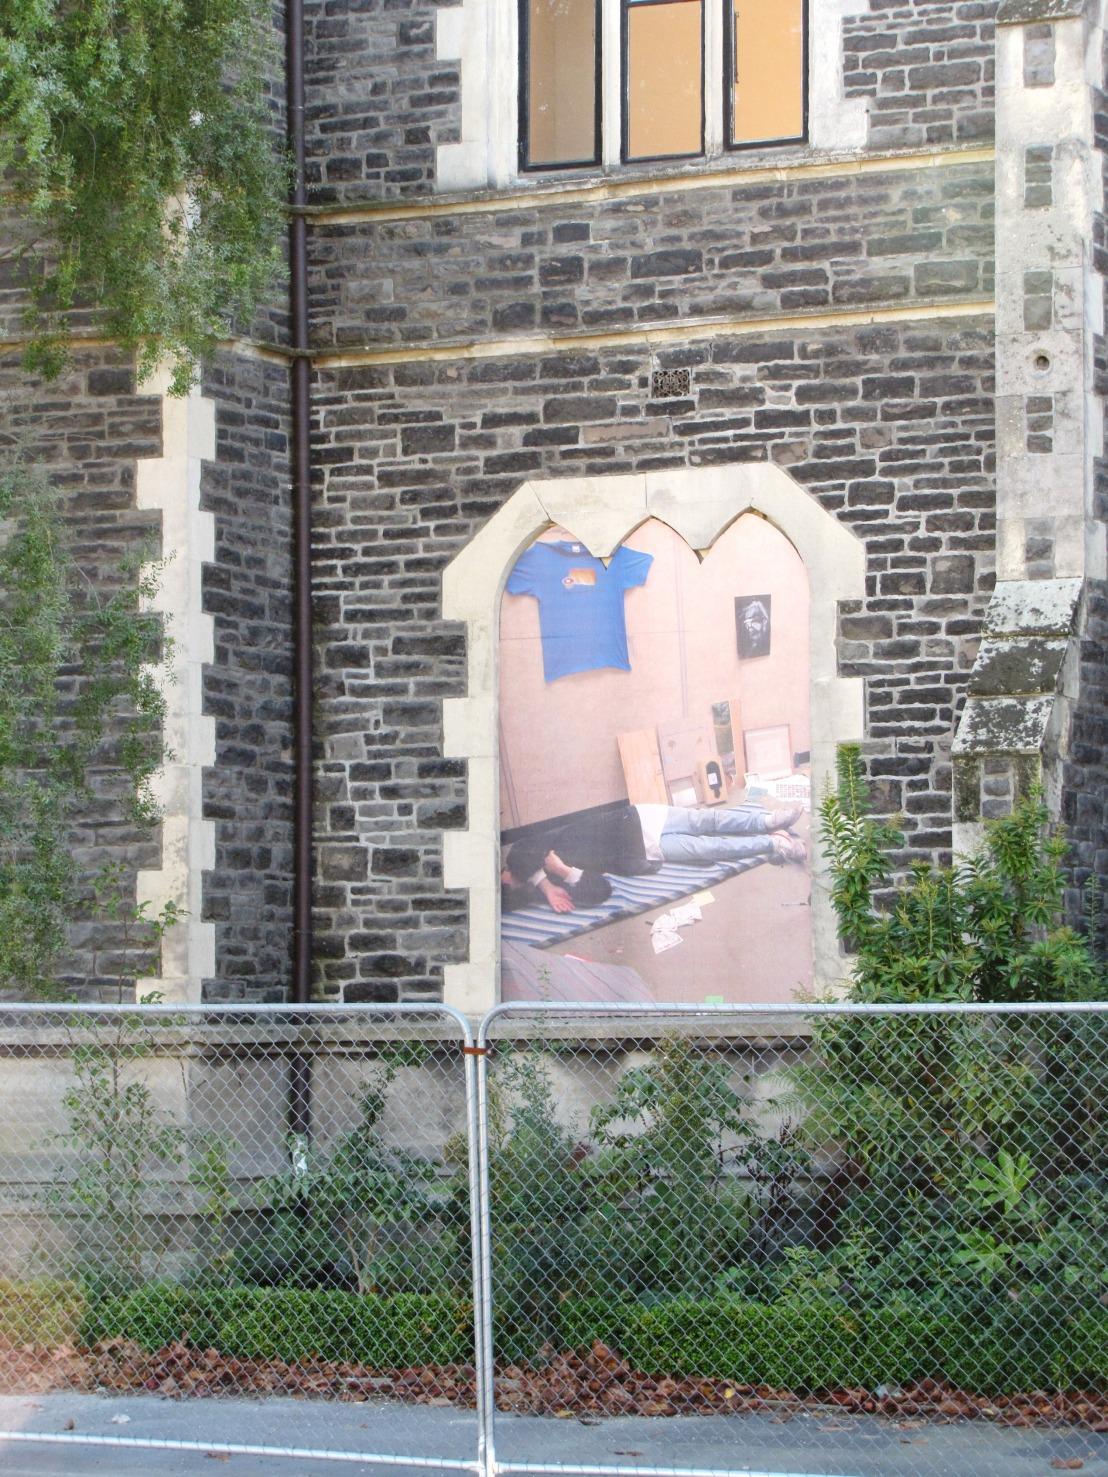 Windows in quake damagedChristchurch